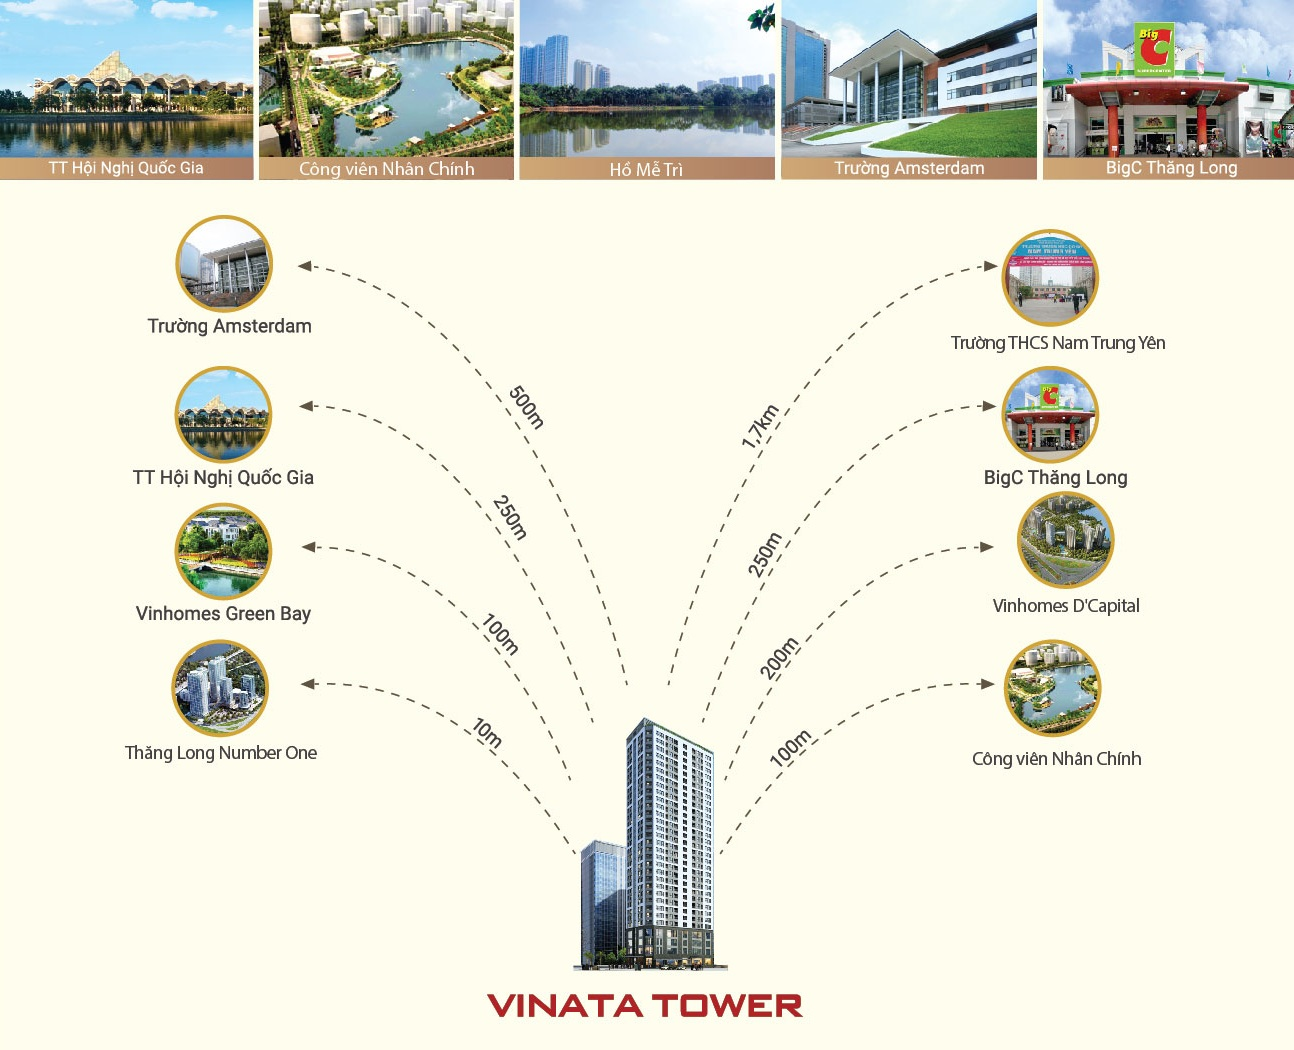 liên kết vùng chung cư vinata tower